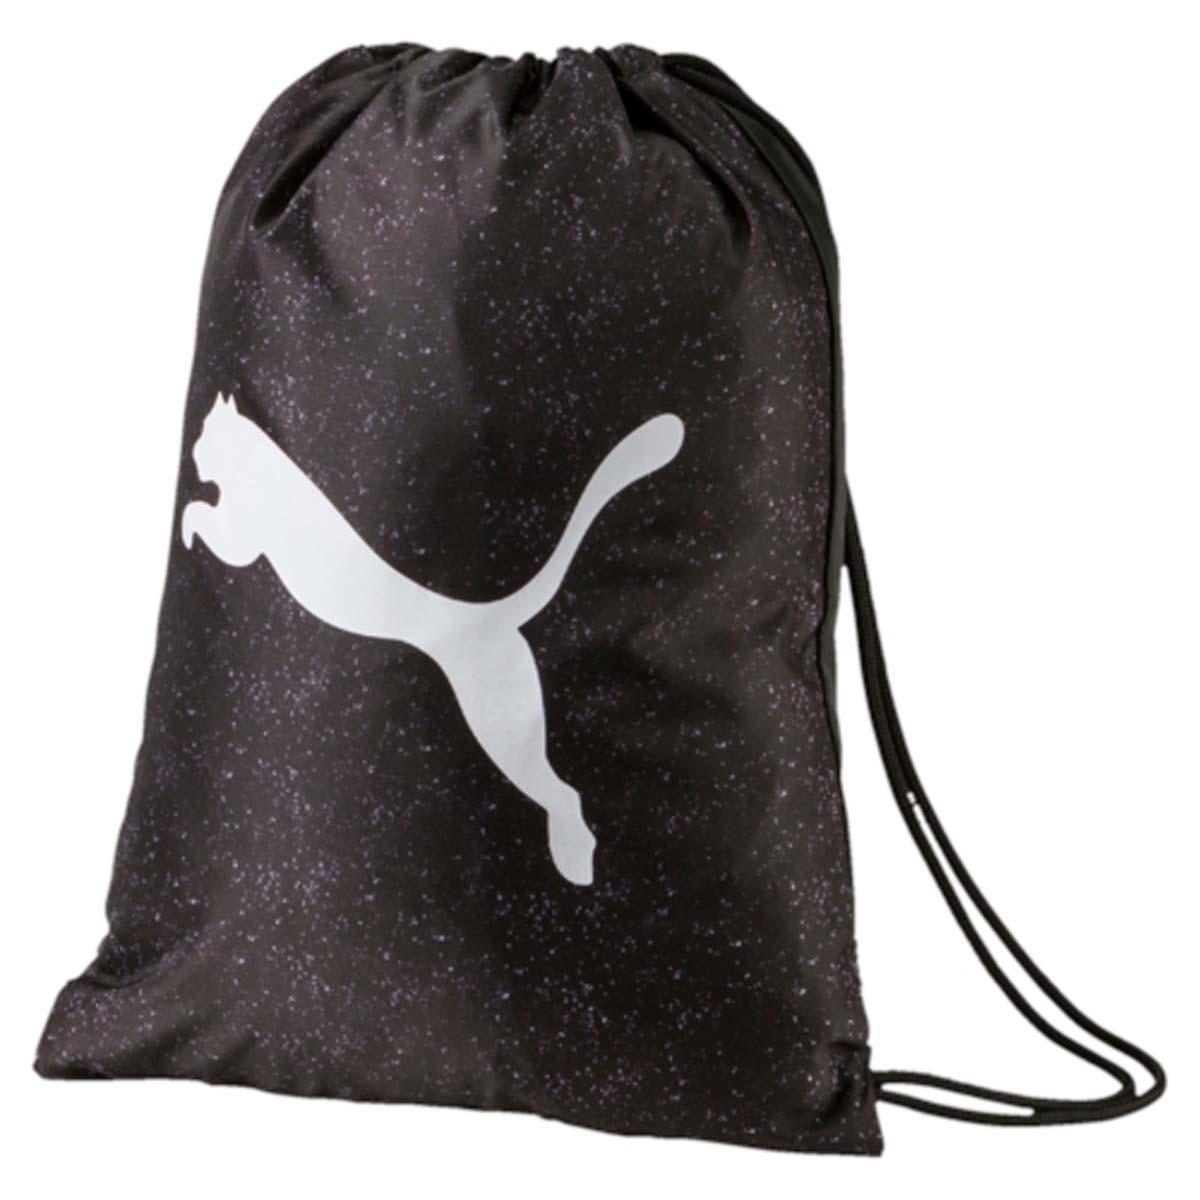 Рюкзак Puma Alpha Gym Sack, цвет: черный. 0744070123008Спортивный рюкзак Puma выполнен из текстиля. Модель с одним отделением на затягивающемся шнурке и тонких лямках.